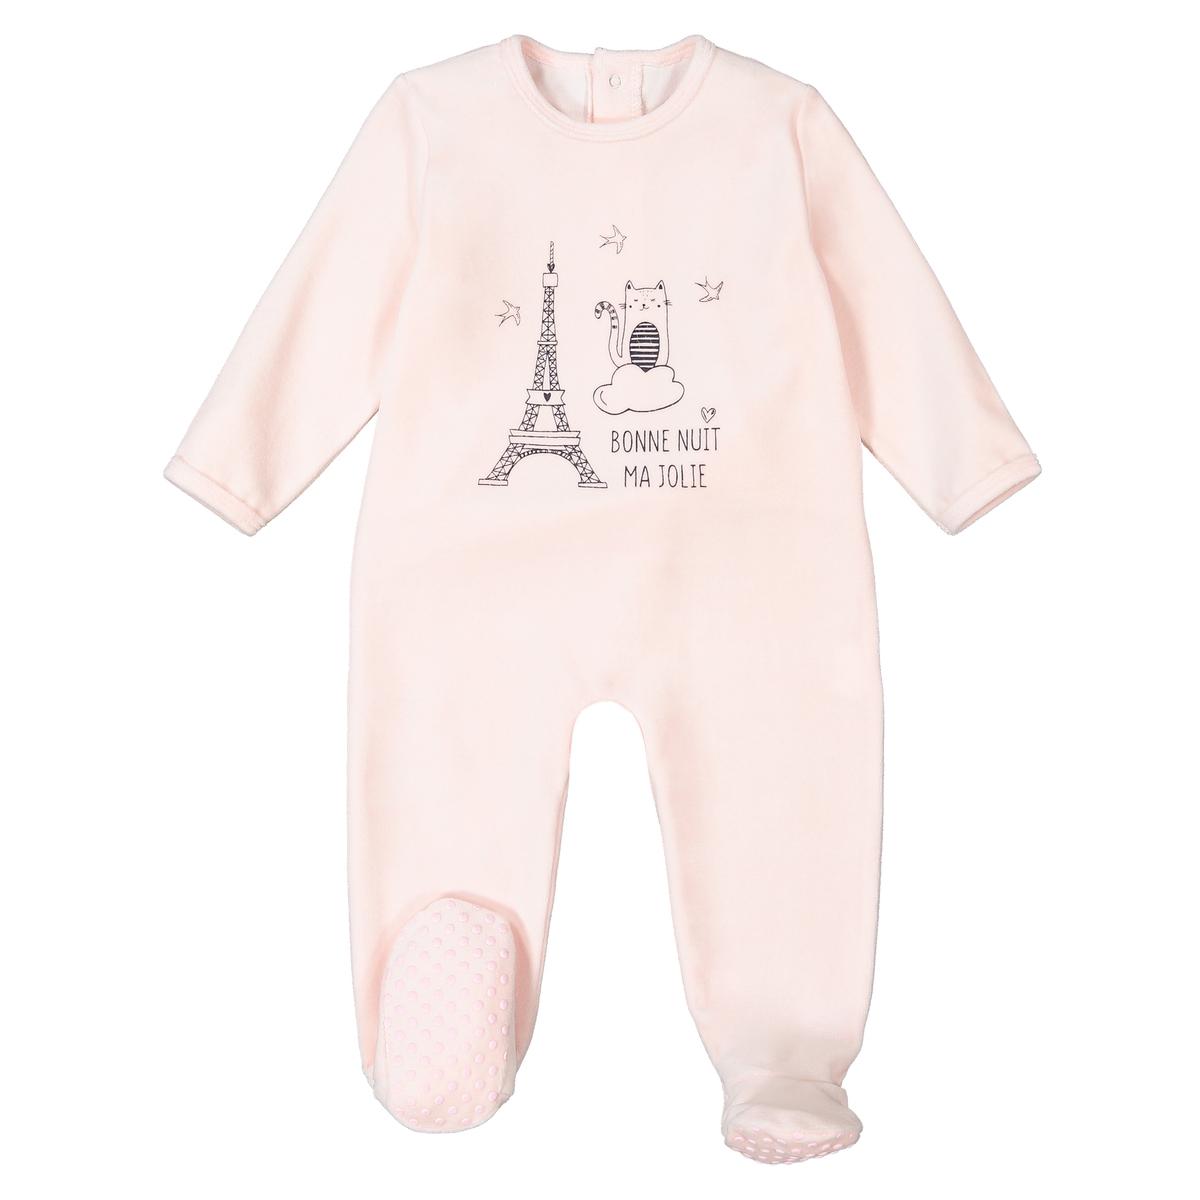 цена Пижама La Redoute Из велюра с принтом спереди мес 3 года - 94 см розовый онлайн в 2017 году